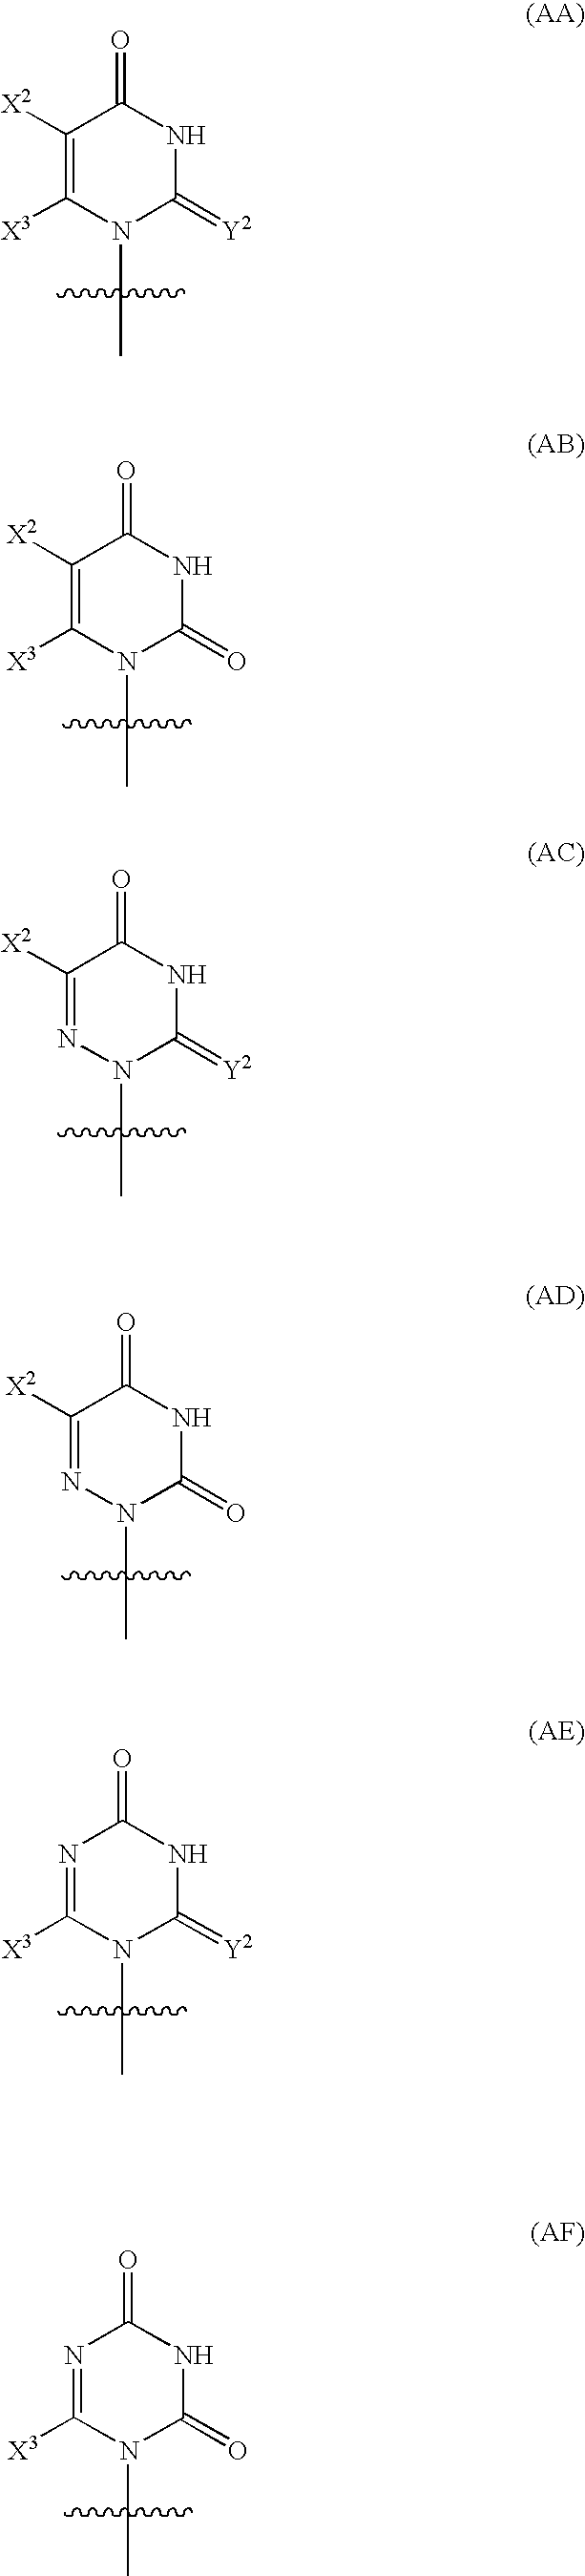 Figure US07608600-20091027-C00032